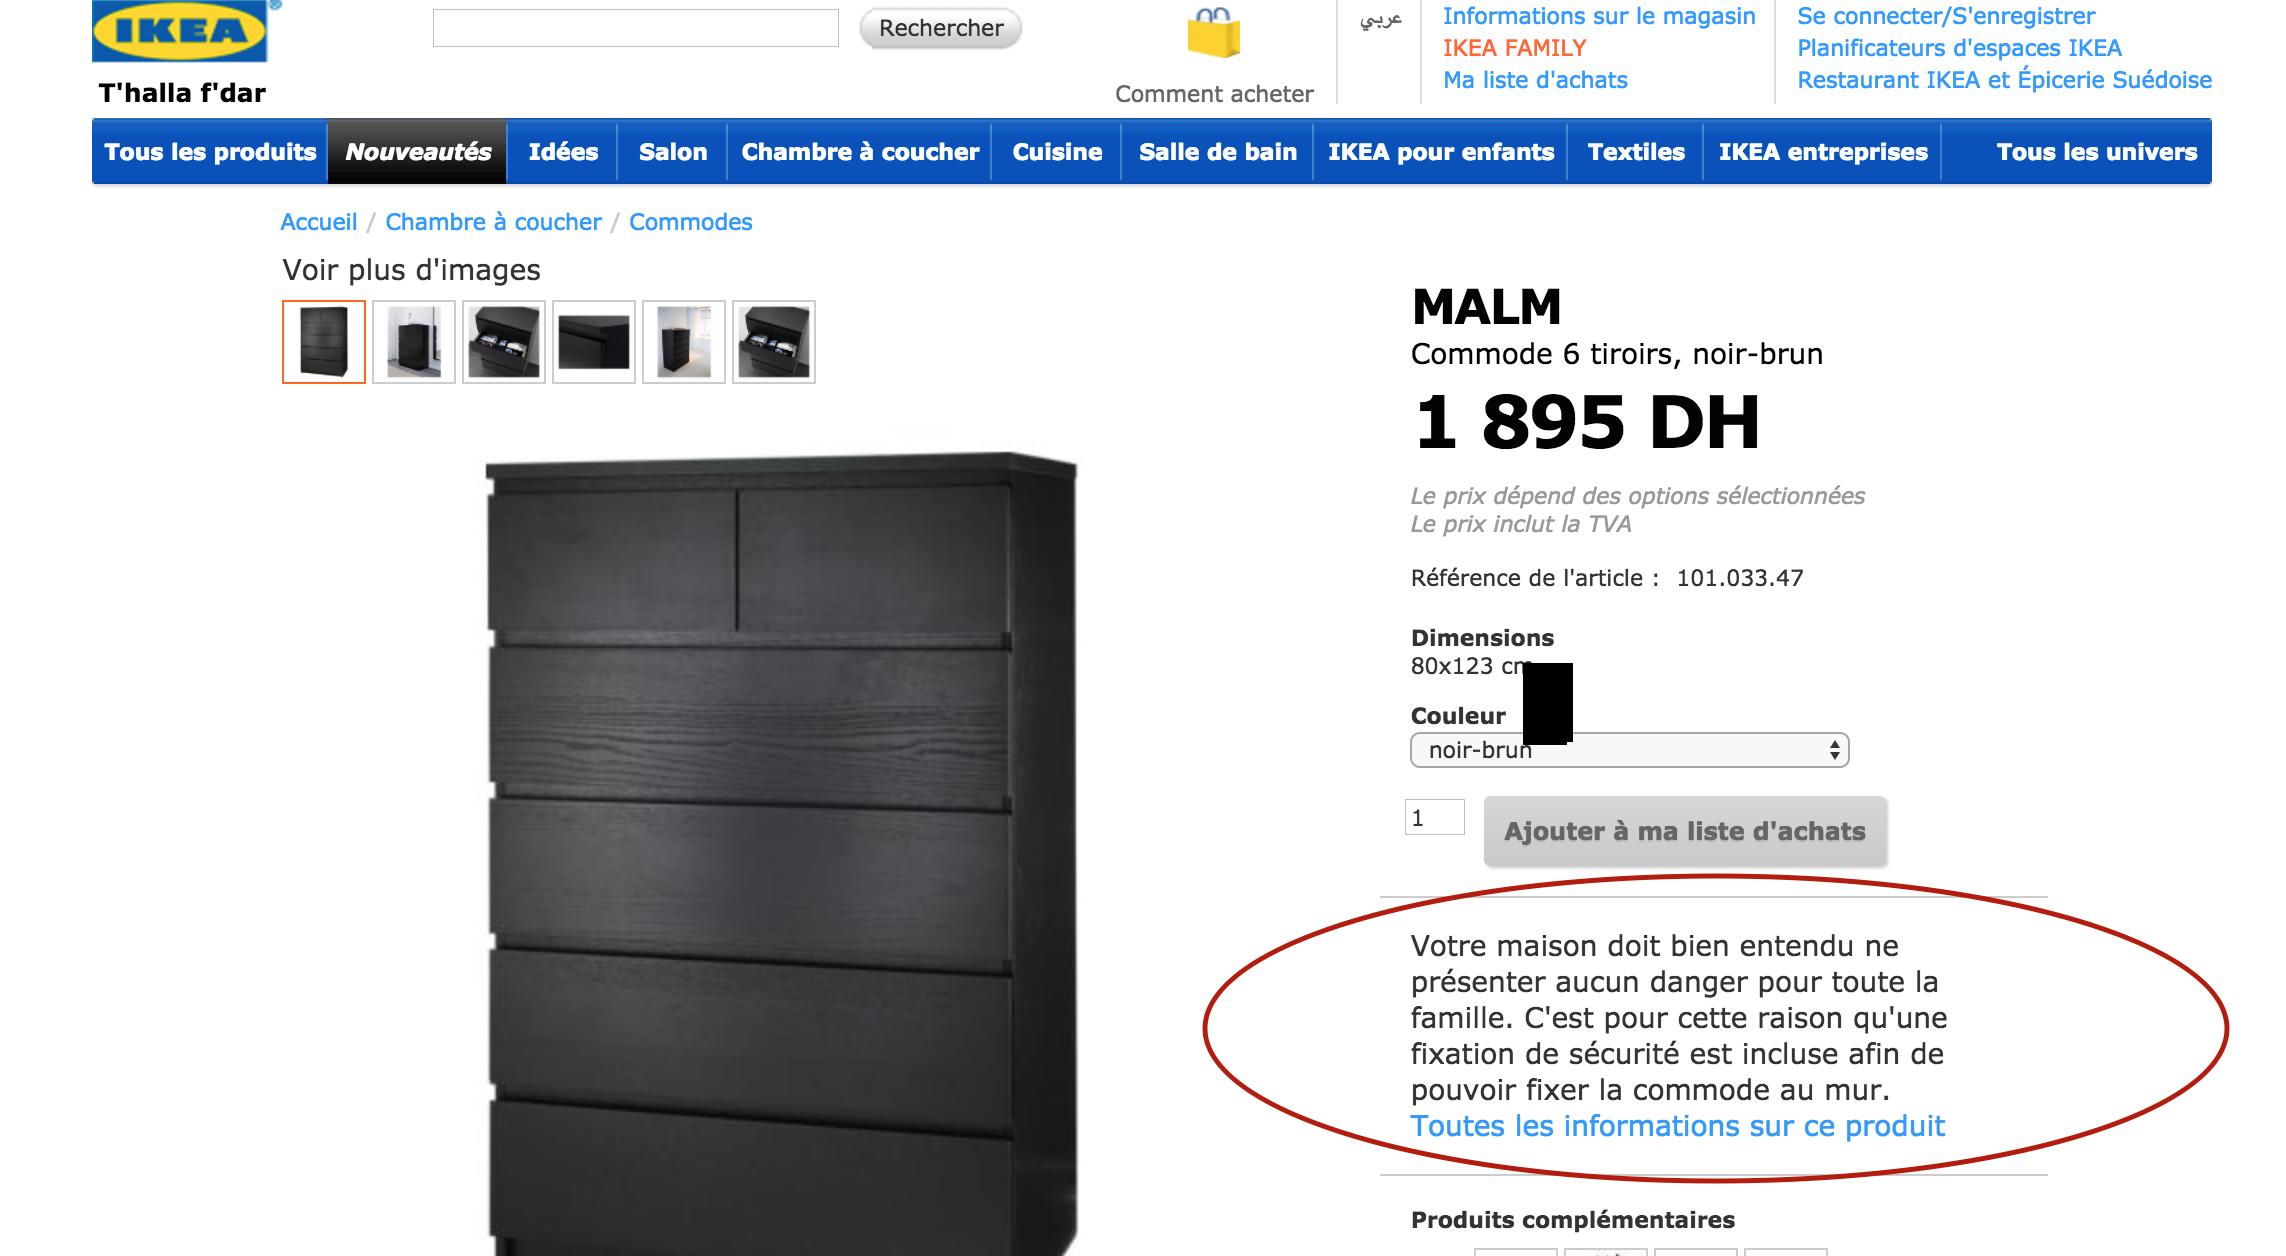 les armoires tueuses d 39 ikea pr sentent elles un danger au maroc le desk. Black Bedroom Furniture Sets. Home Design Ideas